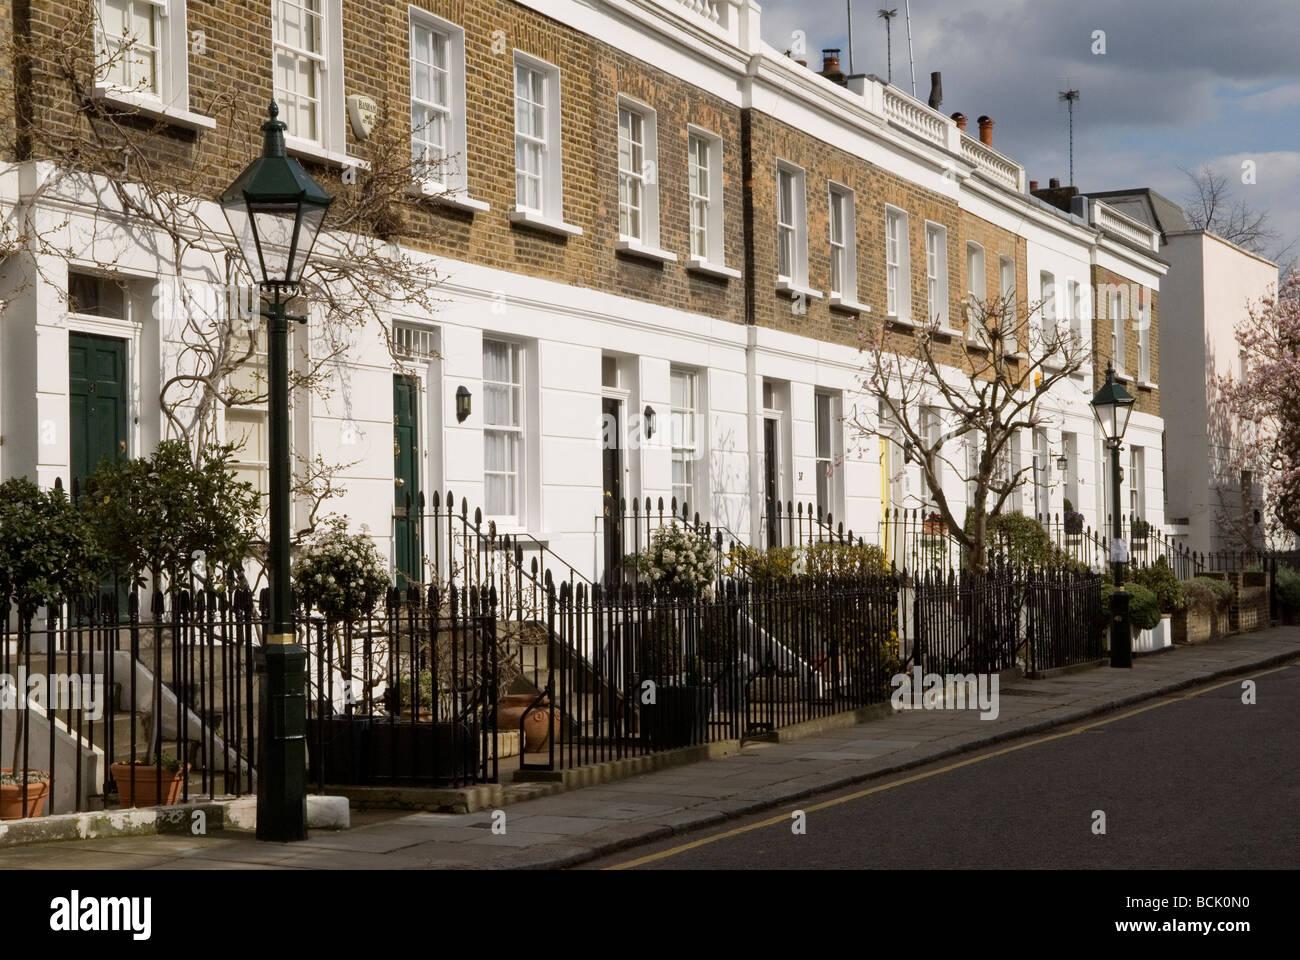 [Bramerton street] Chelsea, London SW3. England. HOMER SYKES - Stock Image